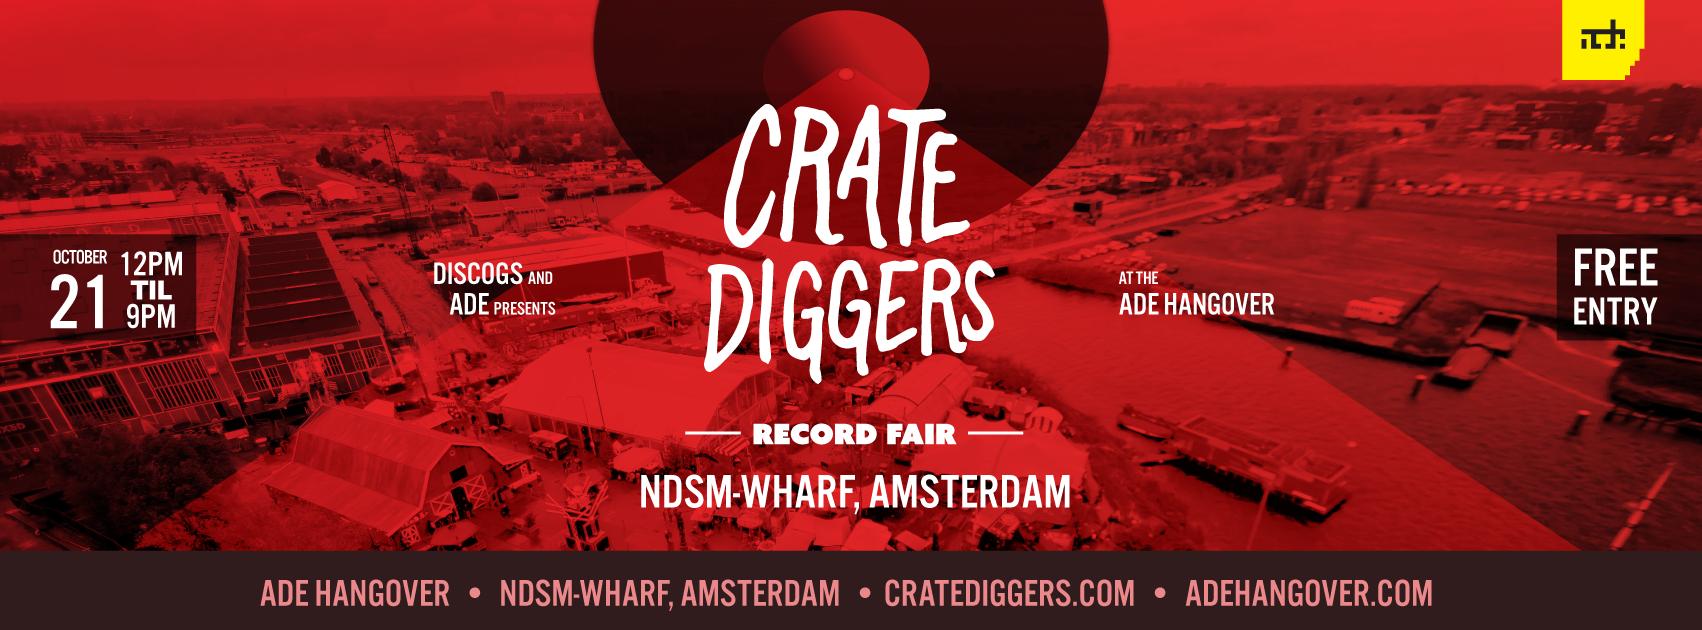 crate diggers amsterdam 2018 at ADE